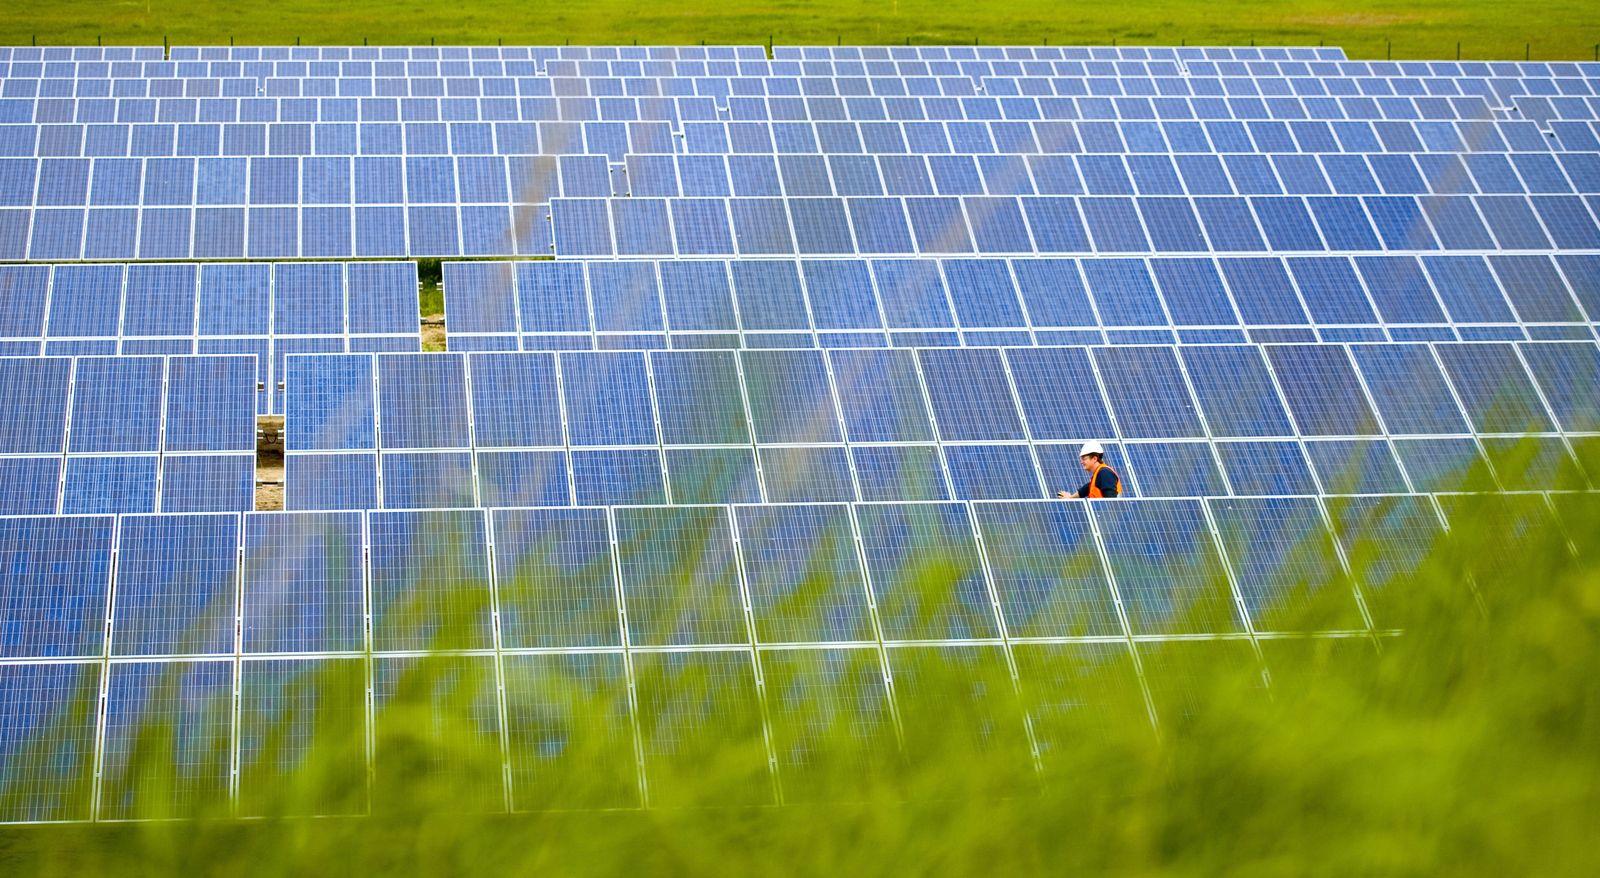 Weltklimarat präsentiert Energiebericht Solarzellen